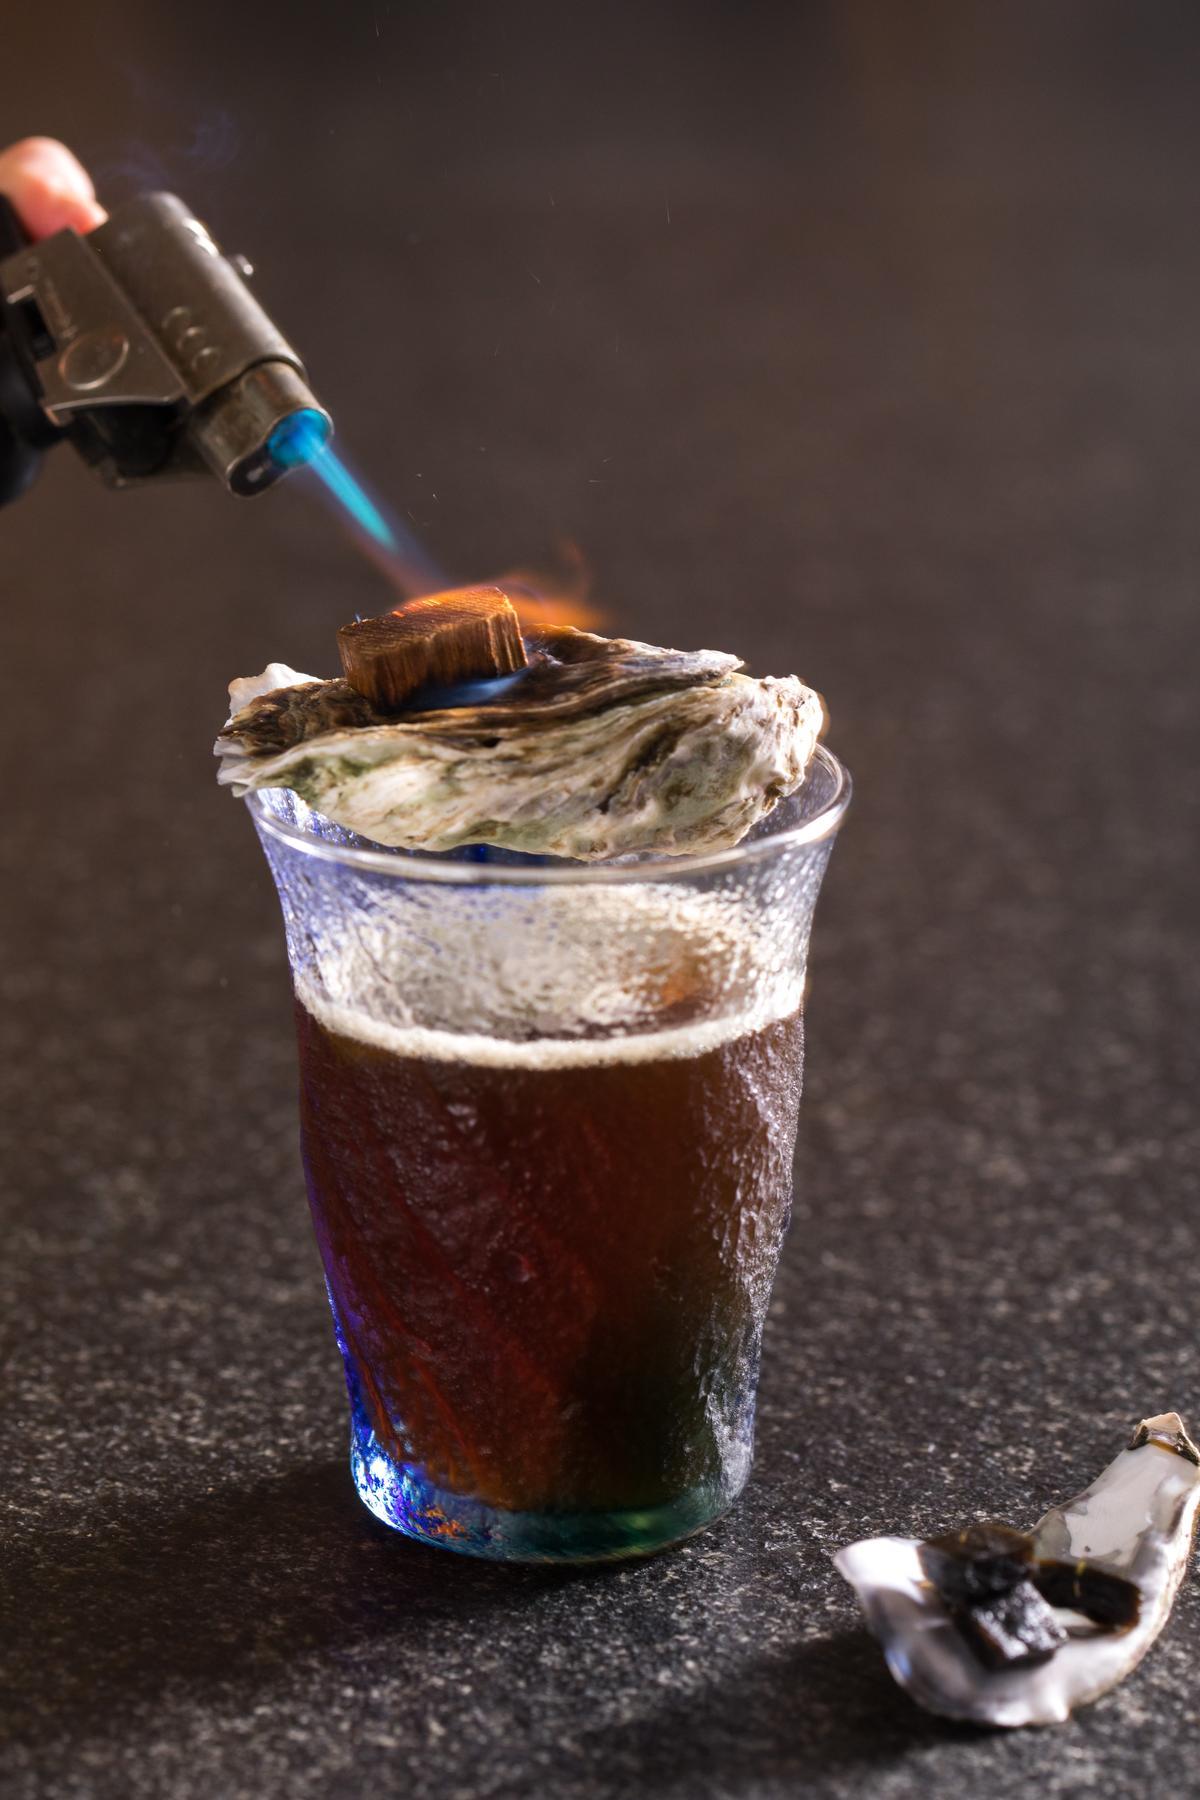 「安平堡傳說」以威士忌揉合烏梅汁酸香,煙燻醇厚。(300元/杯)